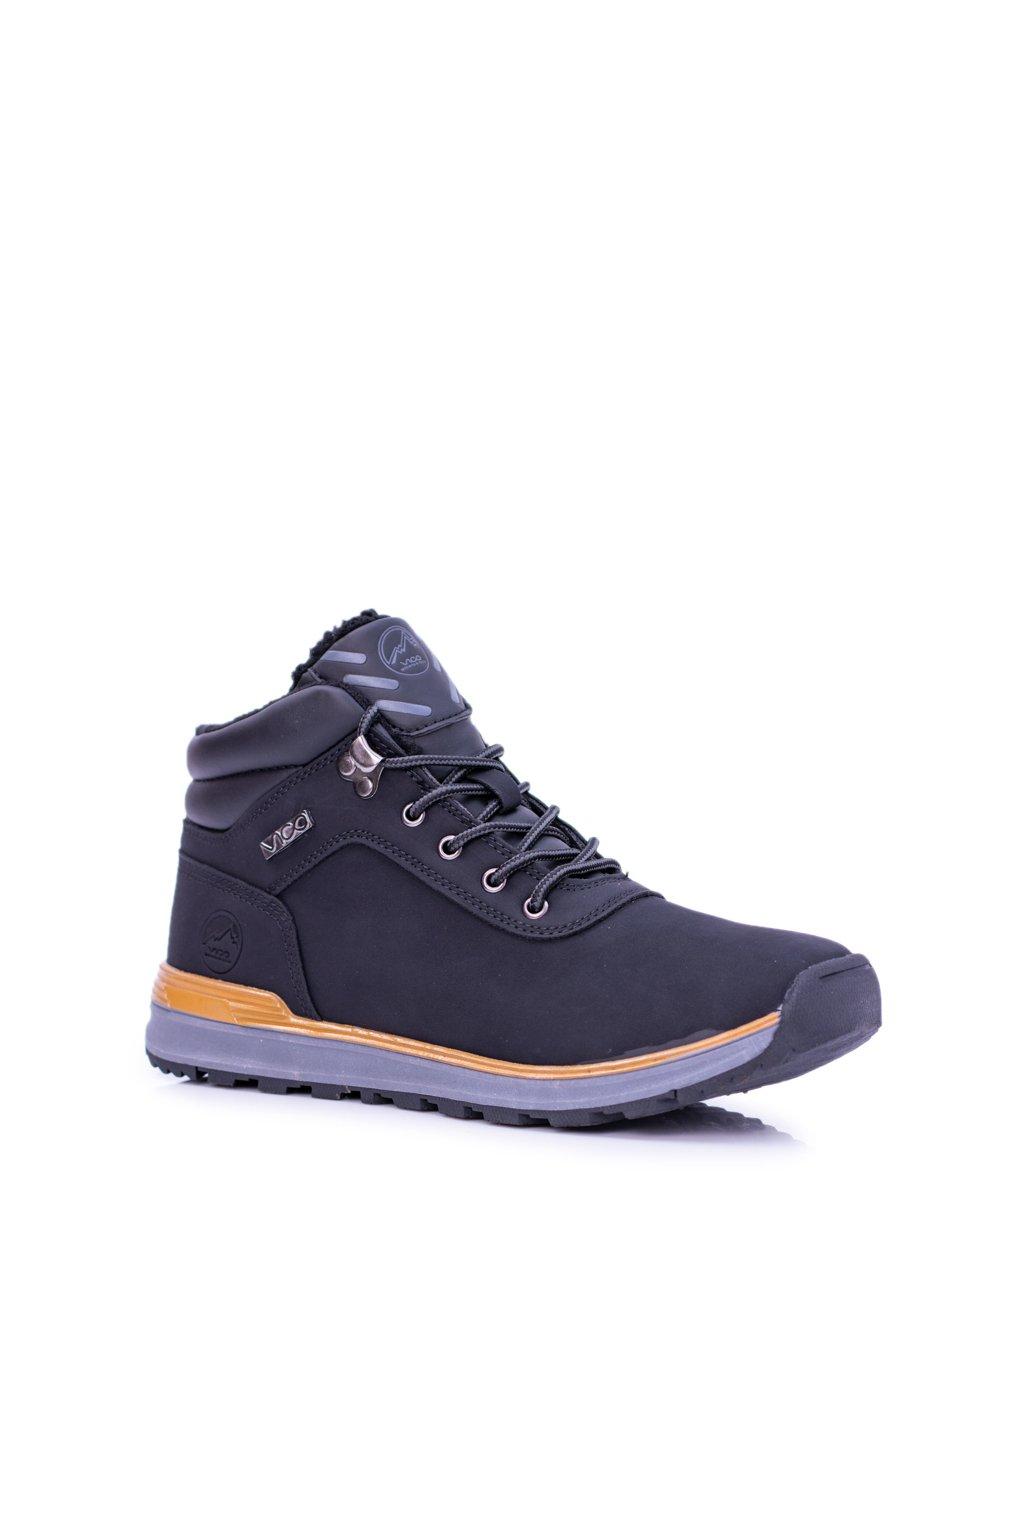 Pánske trekingové topánky farba čierna kód obuvi VOP18D05-2 BLK